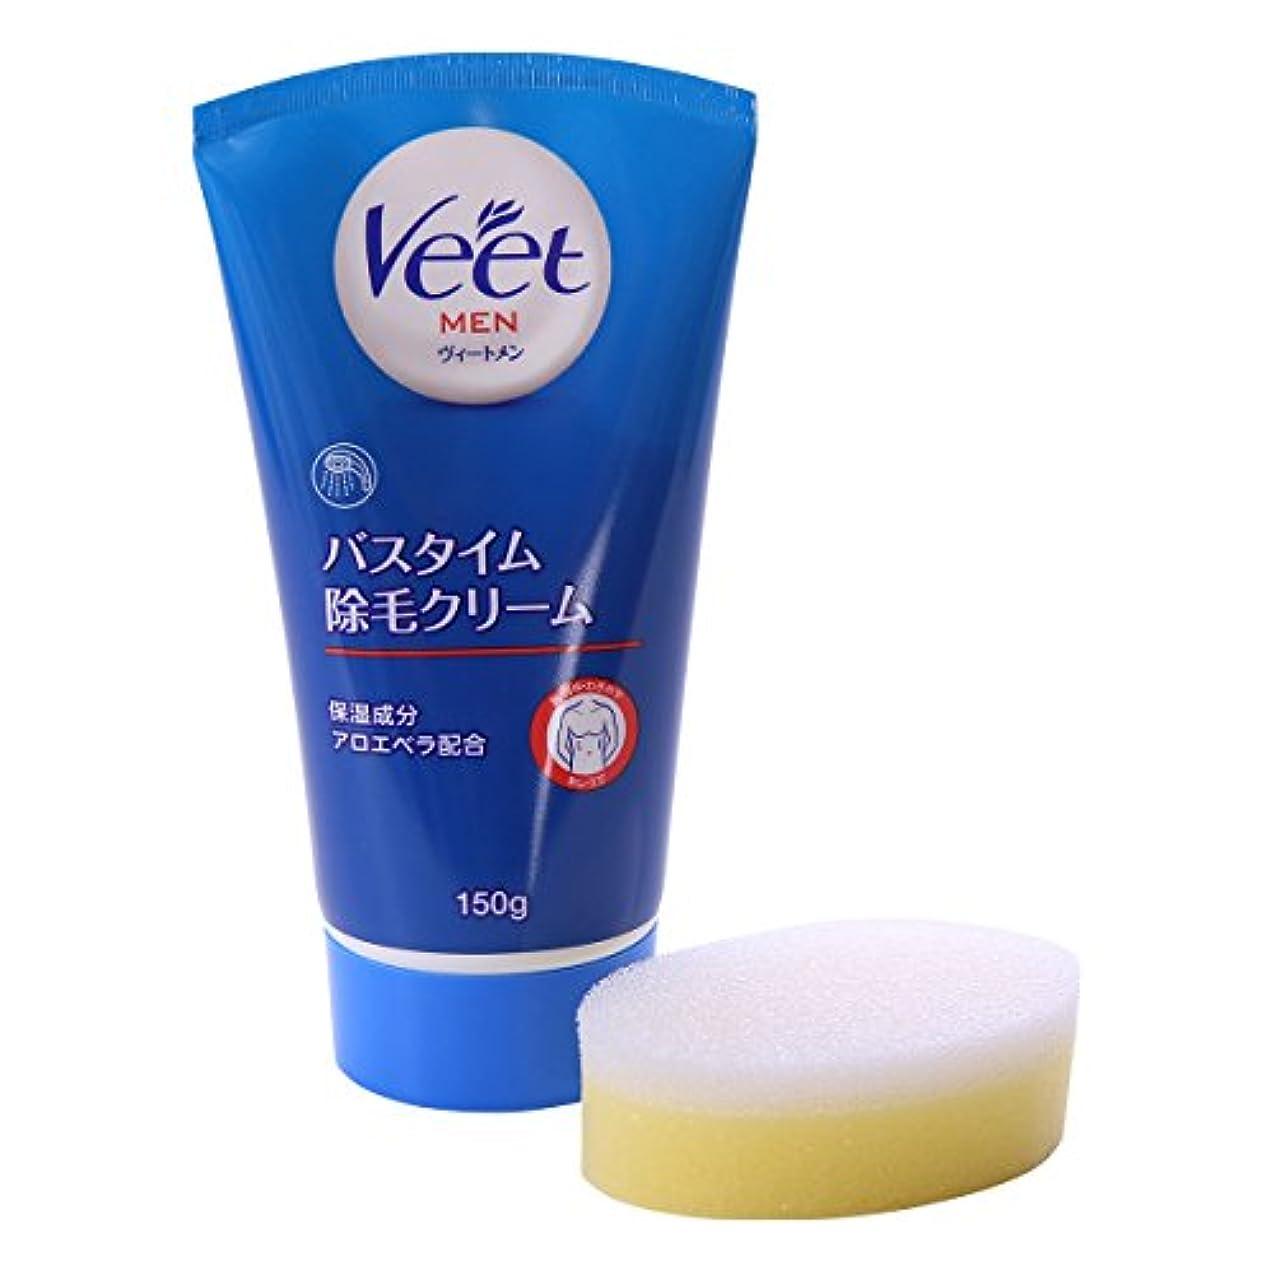 バンケット経営者変更(ヴィート)Veet メンズ バスタイム 除毛クリーム あし うで 胸 背中 わきの下